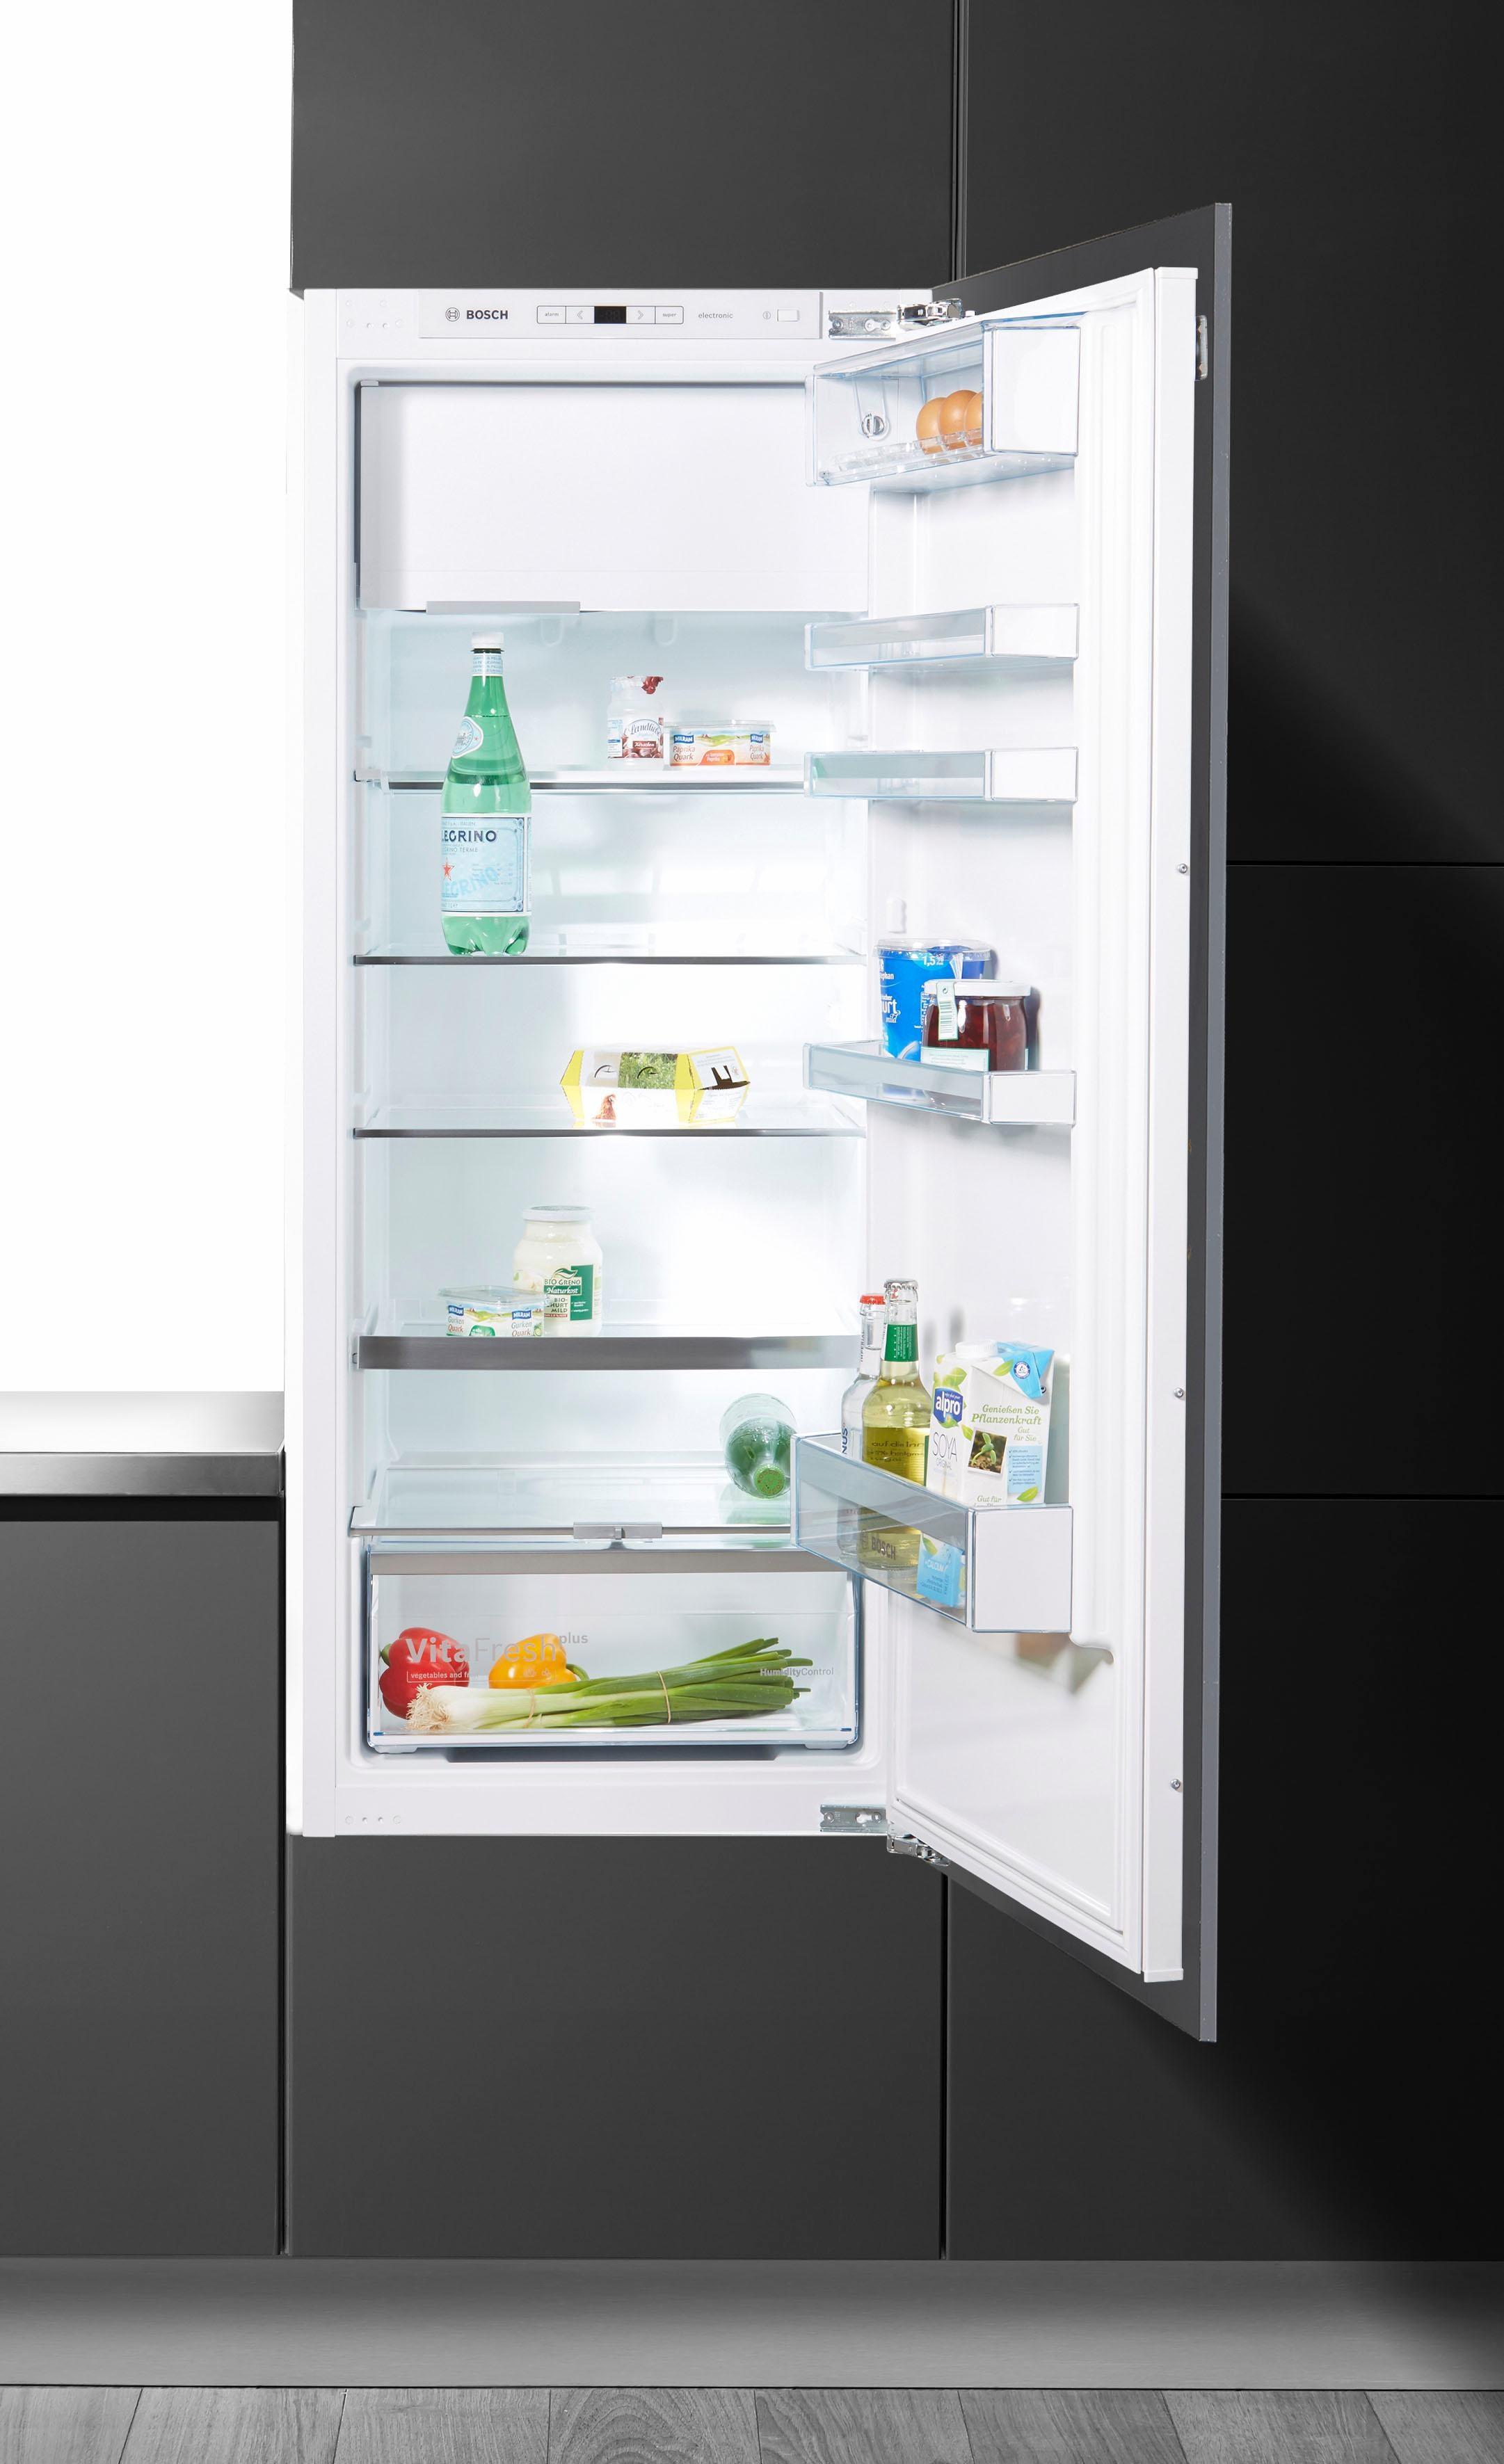 Kühlschränke online kaufen | Möbel-Suchmaschine | ladendirekt.de